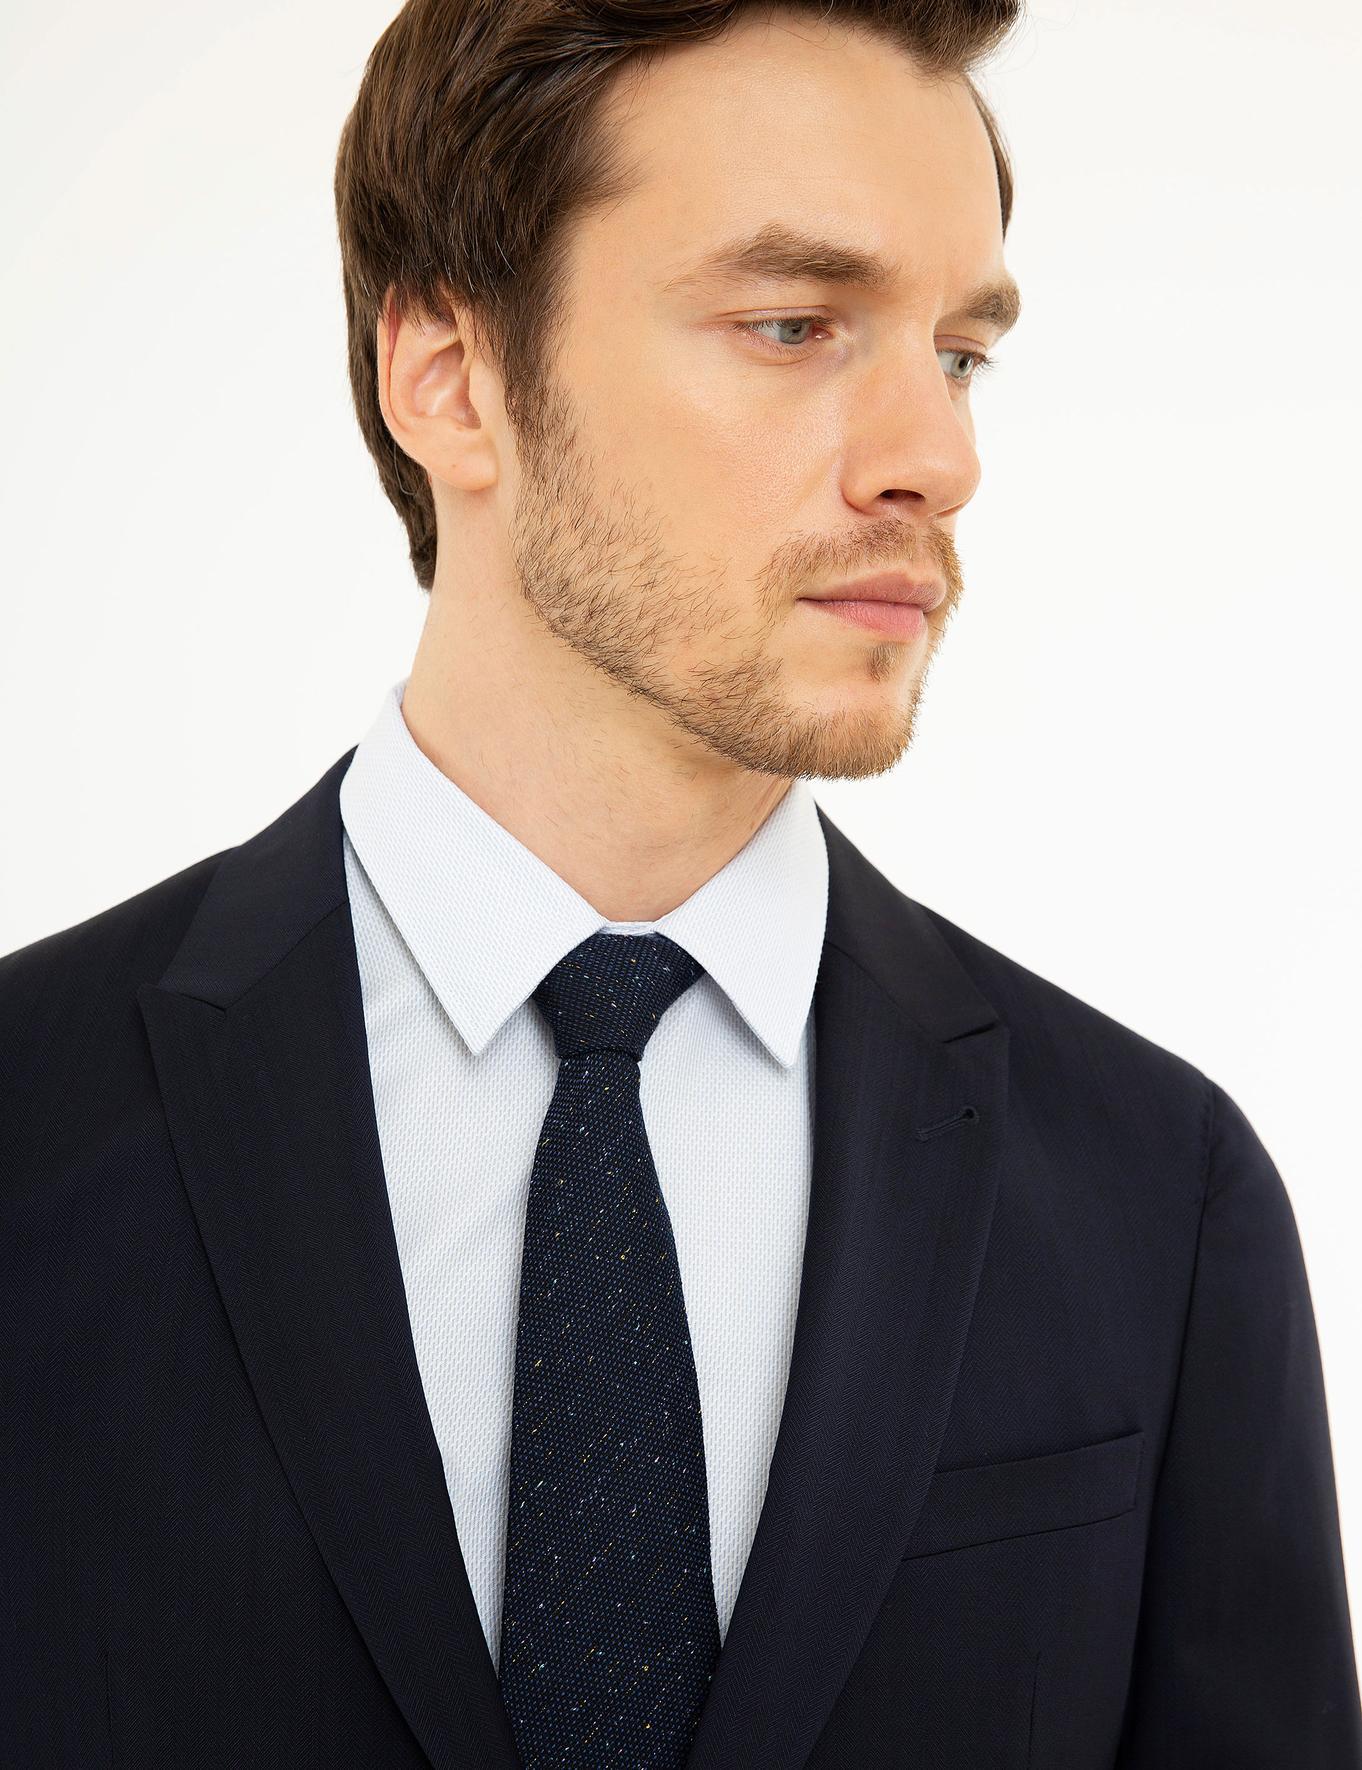 Lacivert Slim Fit Takım Elbise - 50206934054